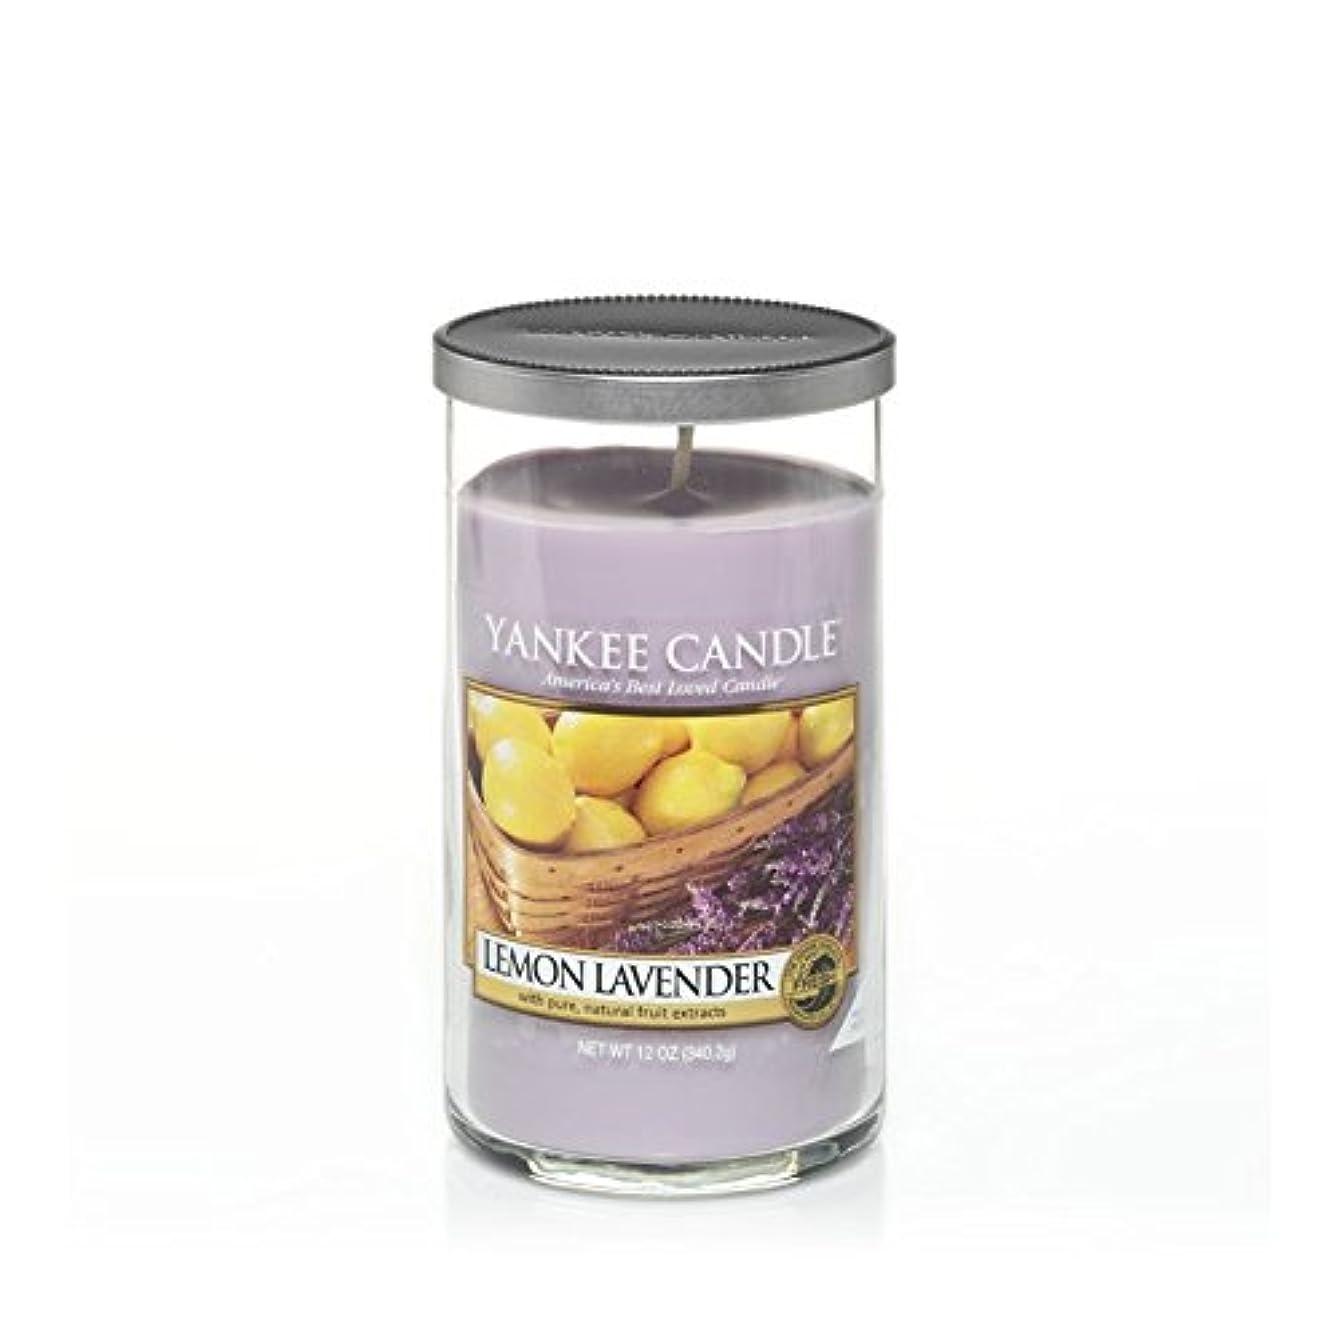 ギターディンカルビル実り多いヤンキーキャンドルメディアピラーキャンドル - レモンラベンダー - Yankee Candles Medium Pillar Candle - Lemon Lavender (Yankee Candles) [並行輸入品]